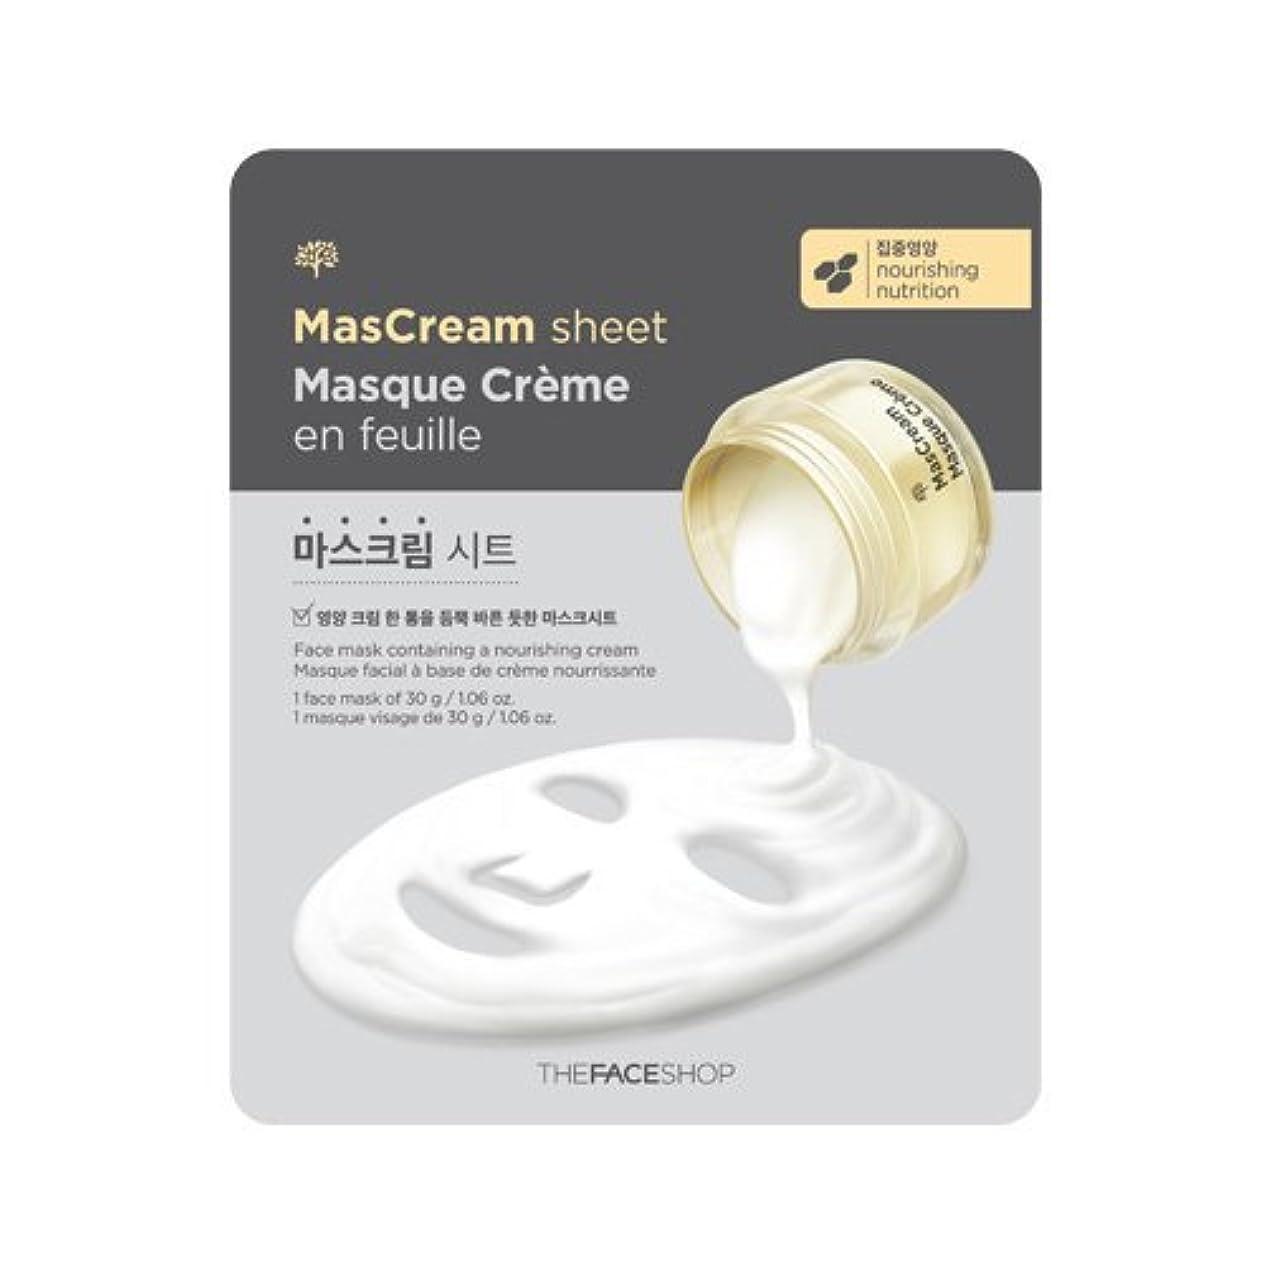 メンタリティ位置する神秘ザフェイスショップ [THE FACE SHOP] MASCREAM SHEET x 5sheets マスクリームパック 5枚 (栄養/NOURISHING) [並行輸入品]